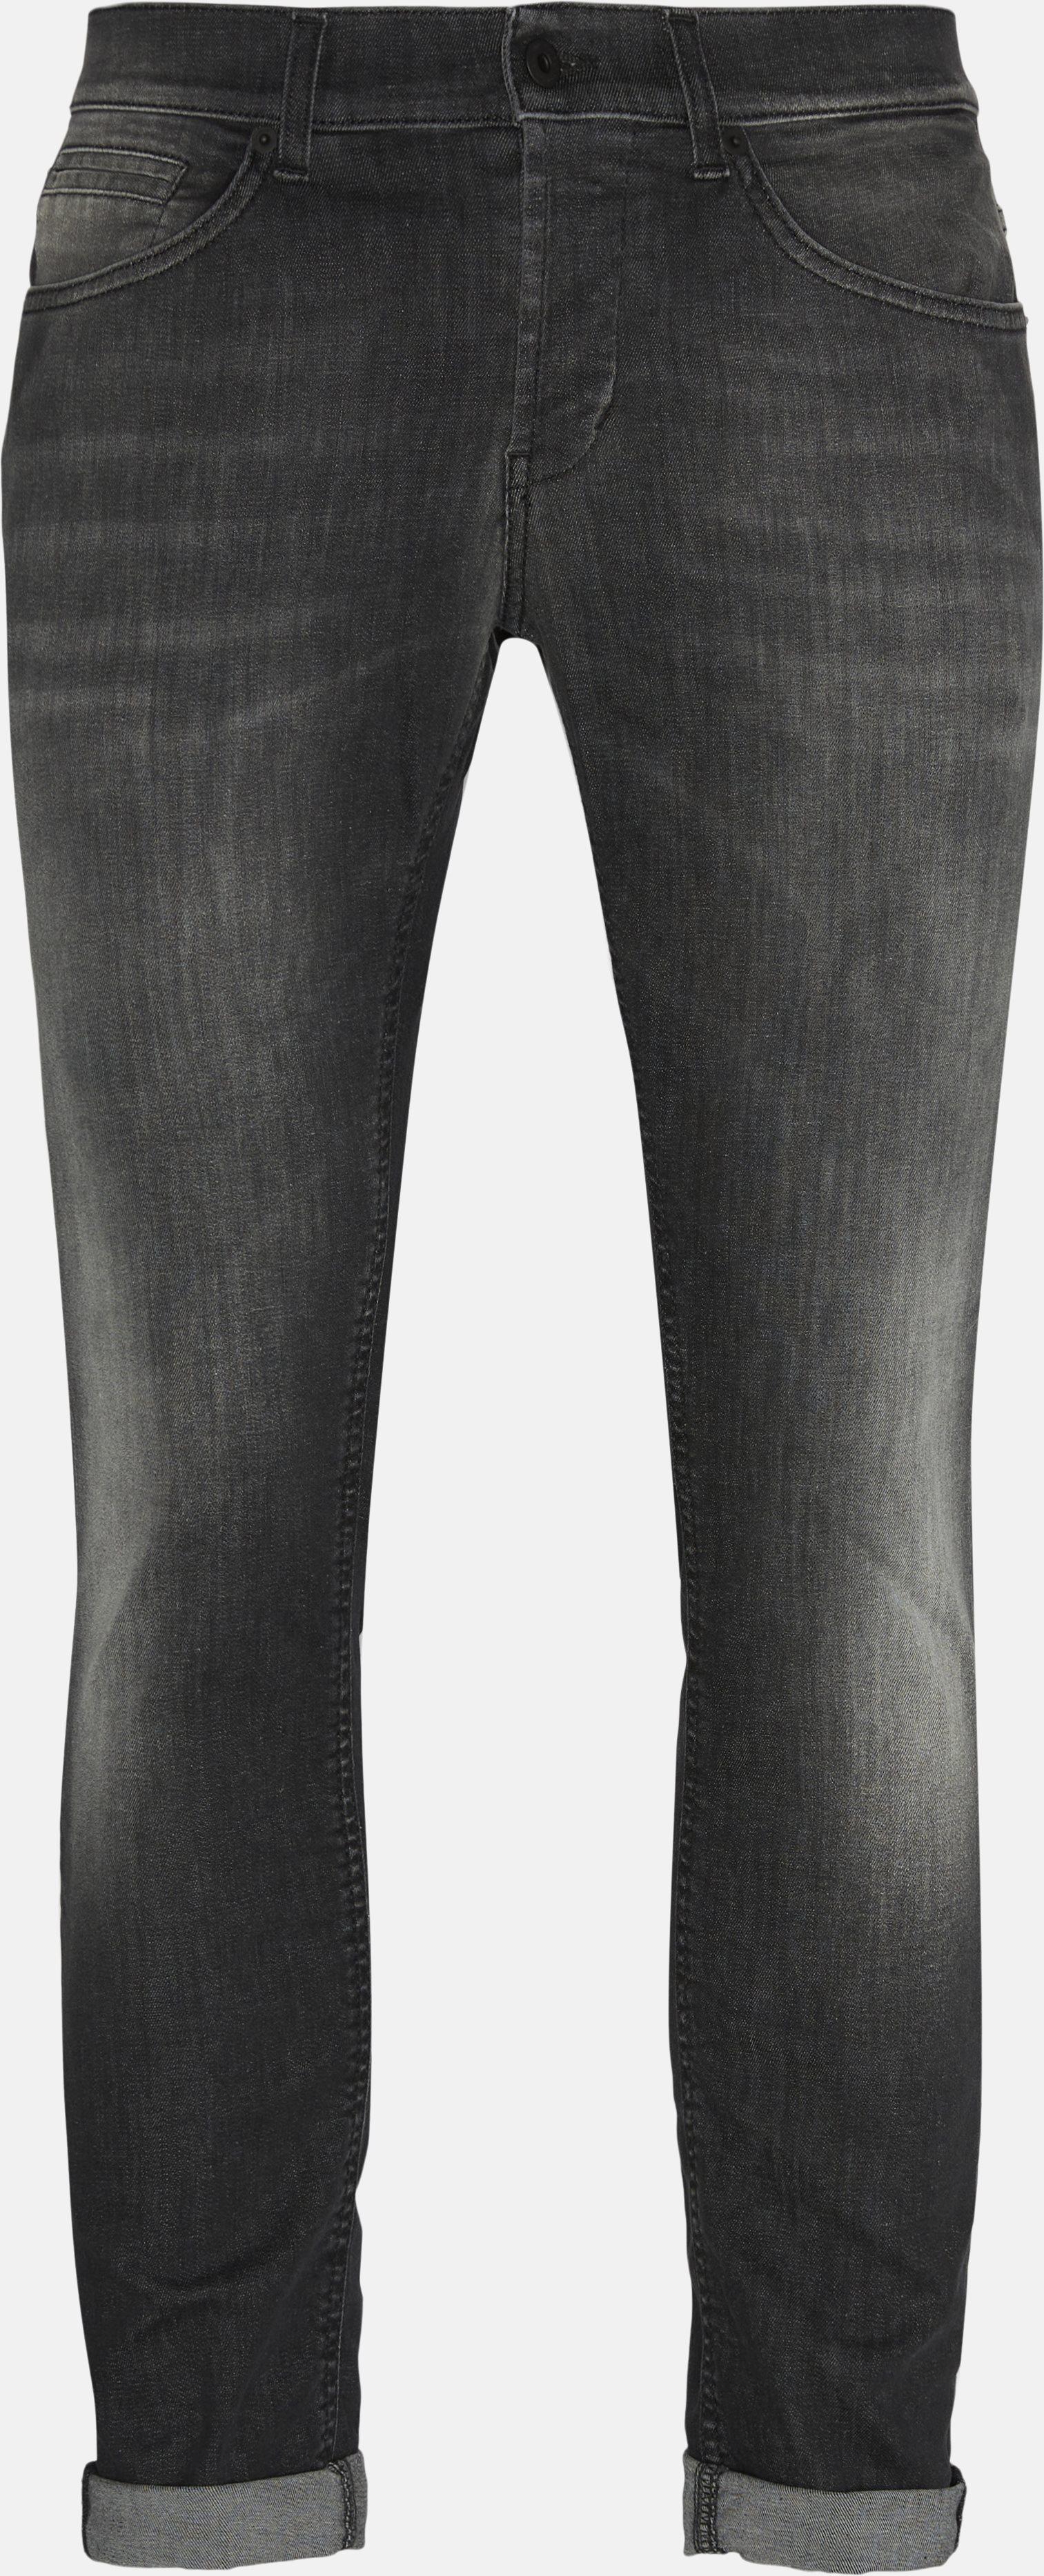 George - Jeans - Slim - Grå